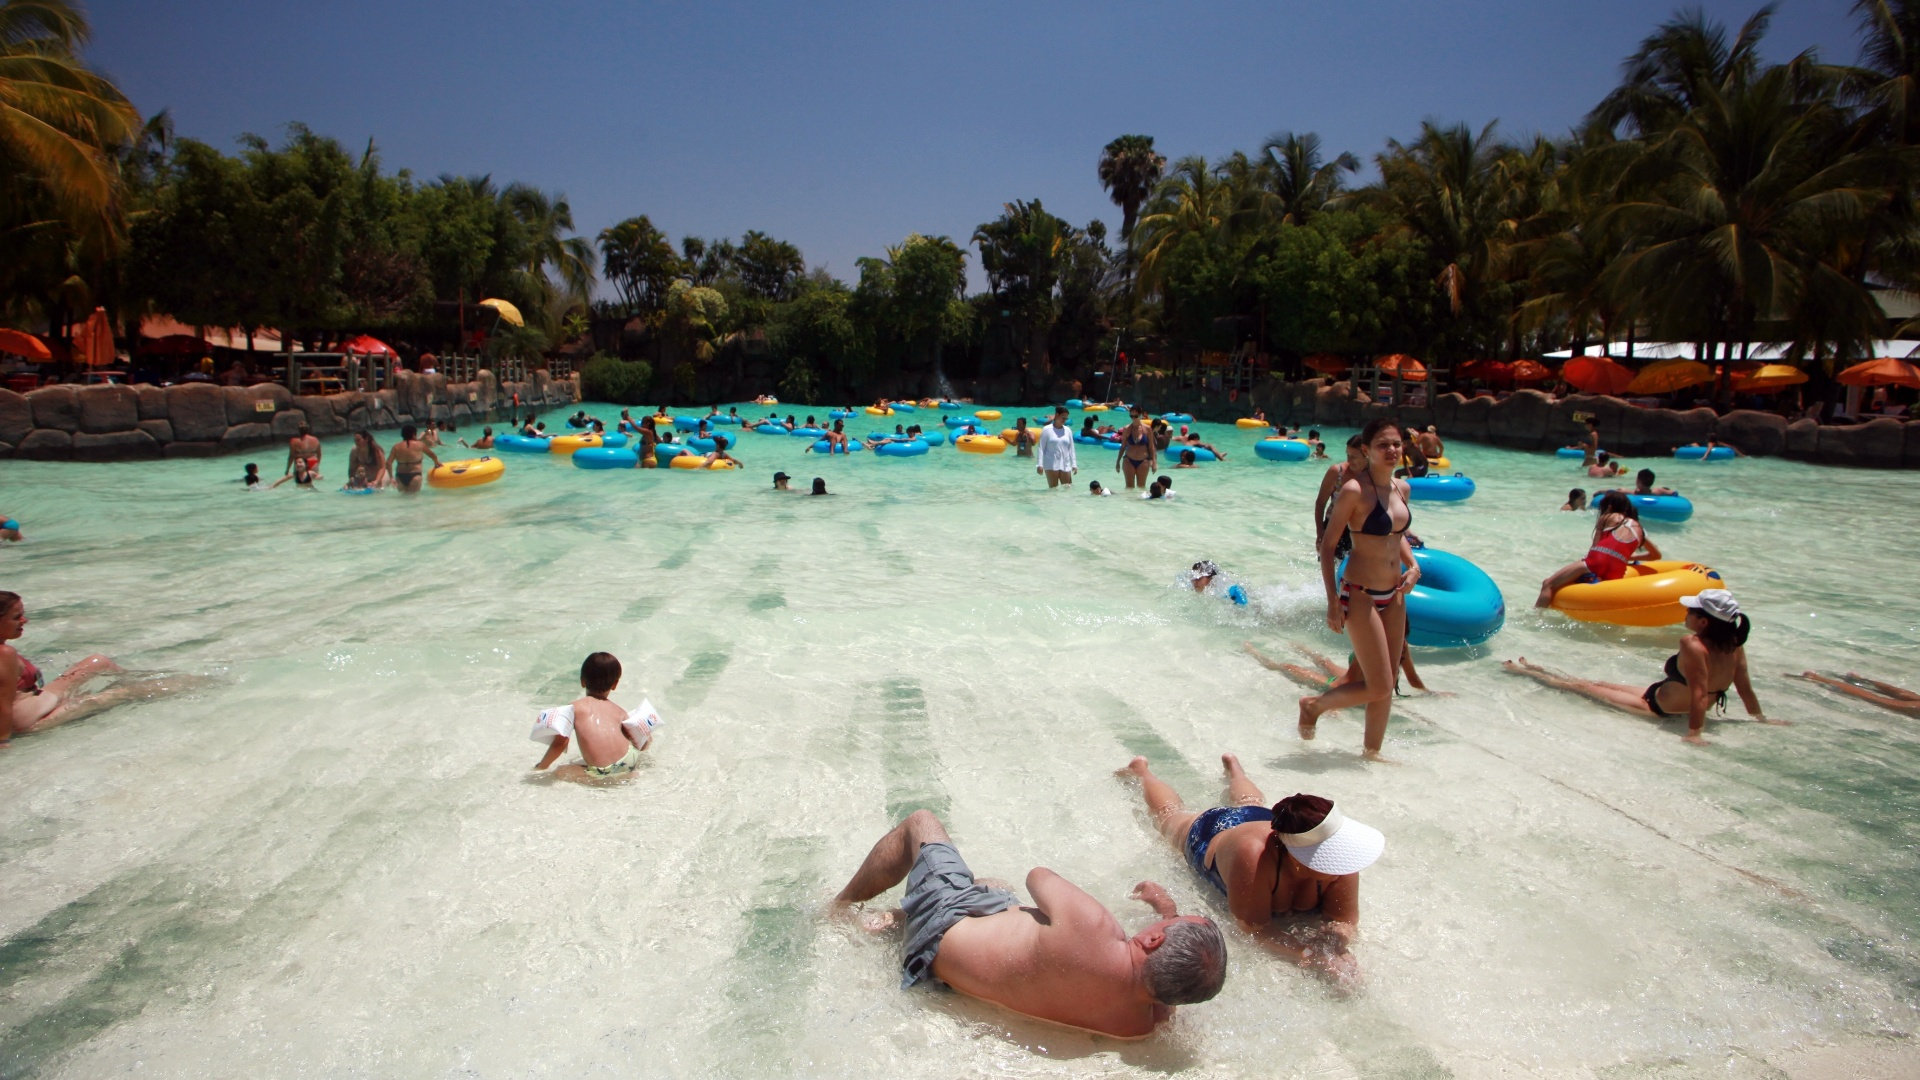 14.out.2015 - Parque Aquático Thermas do Laranjais, em Olímpia (SP). Na contramão da crise hídrica, parques aquáticos no interior de São Paulo fazem investimentos milionários